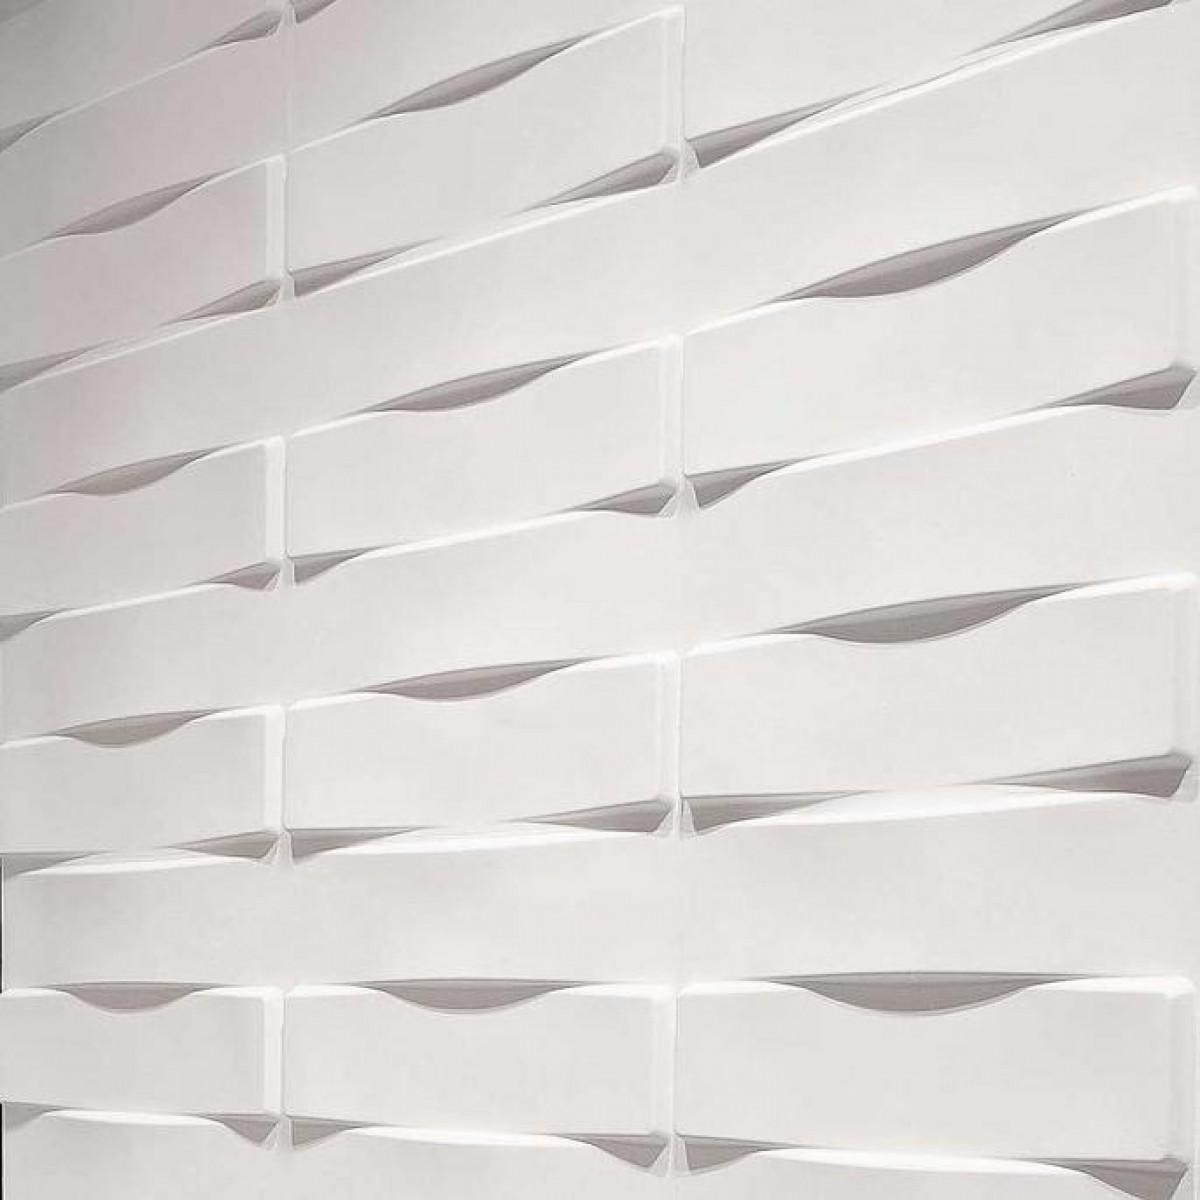 Stitch Pattern Design 3d Glue On Wall Panel Wall Flats